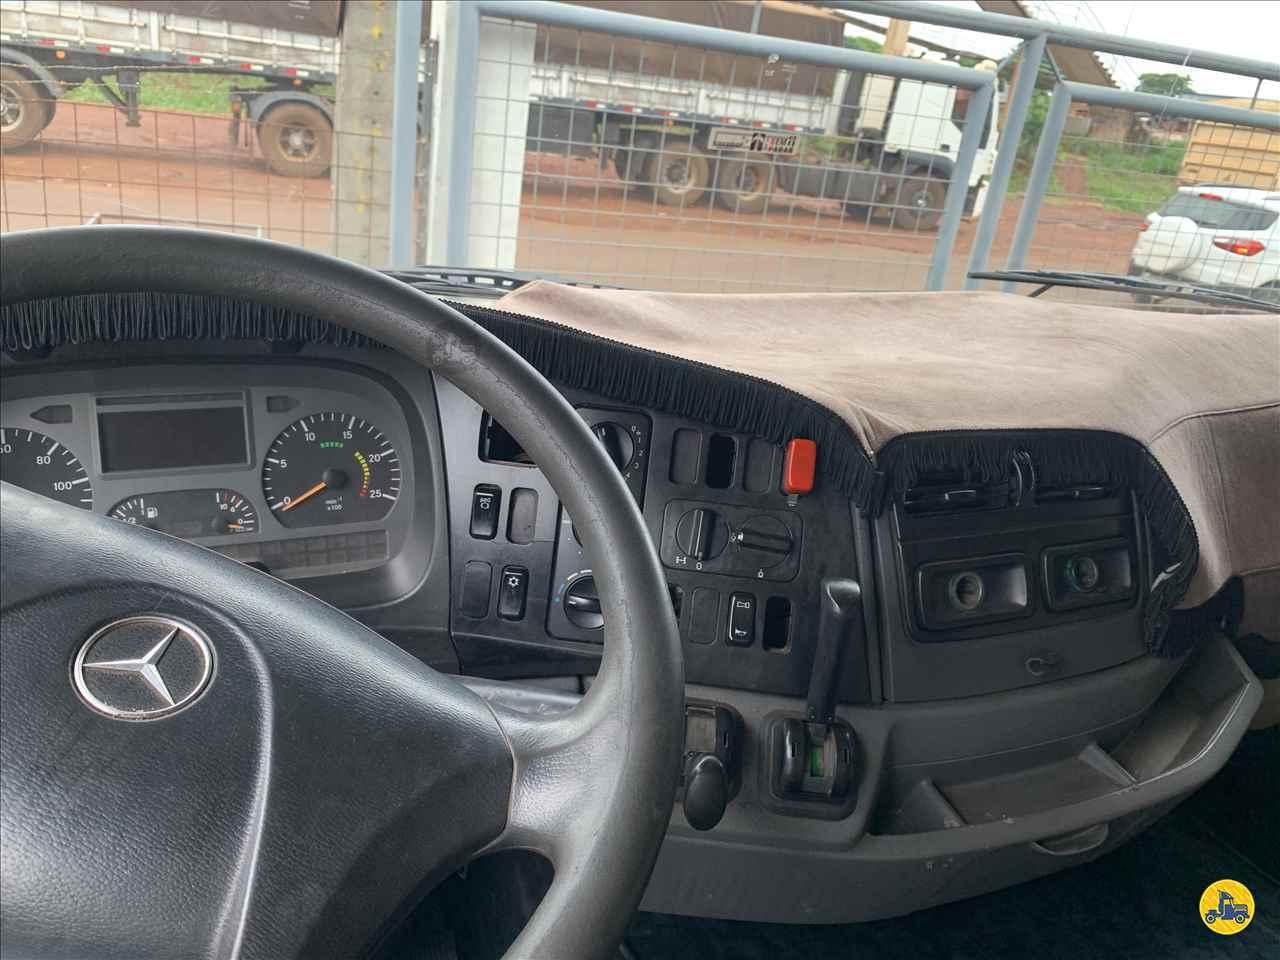 MERCEDES-BENZ MB 2544 781577km 2010/2011 Paulinho Caminhões